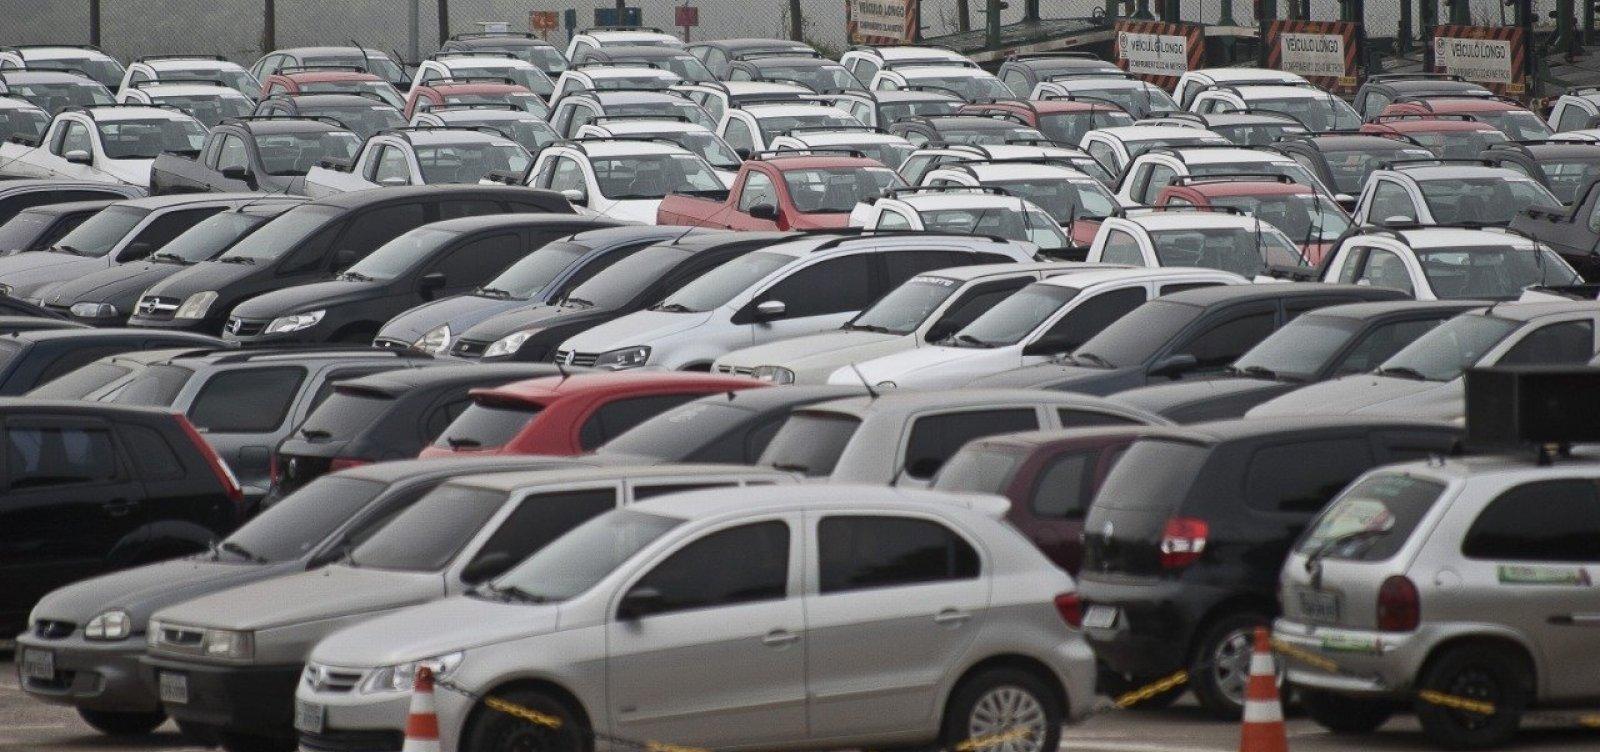 [Fenabrave aponta que venda de veículos cresce 7% em setembro]